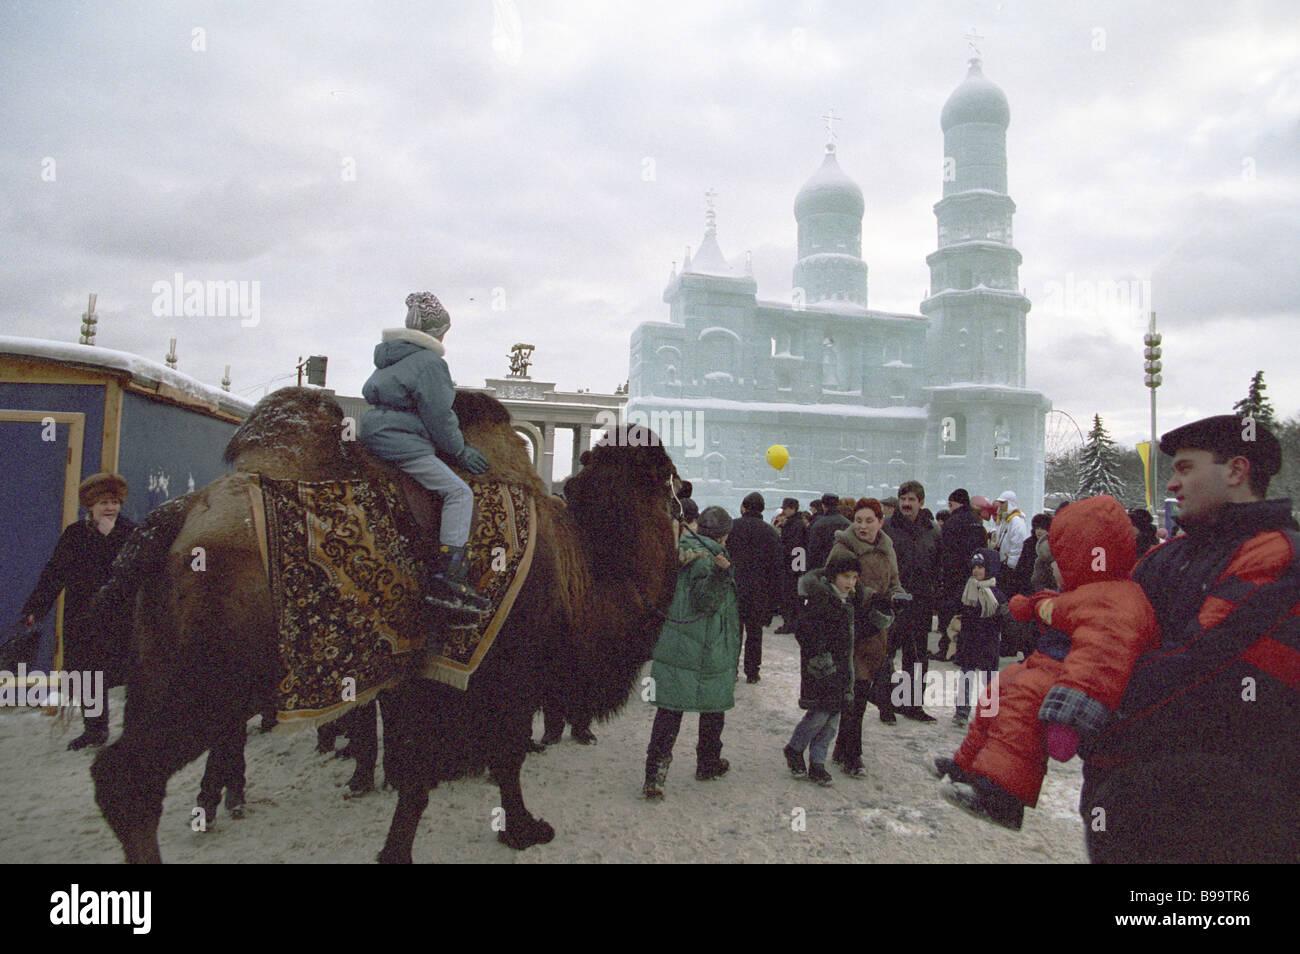 Fiestas de Navidad en el Centro de Exposiciones de Toda Rusia VVTS Foto de stock